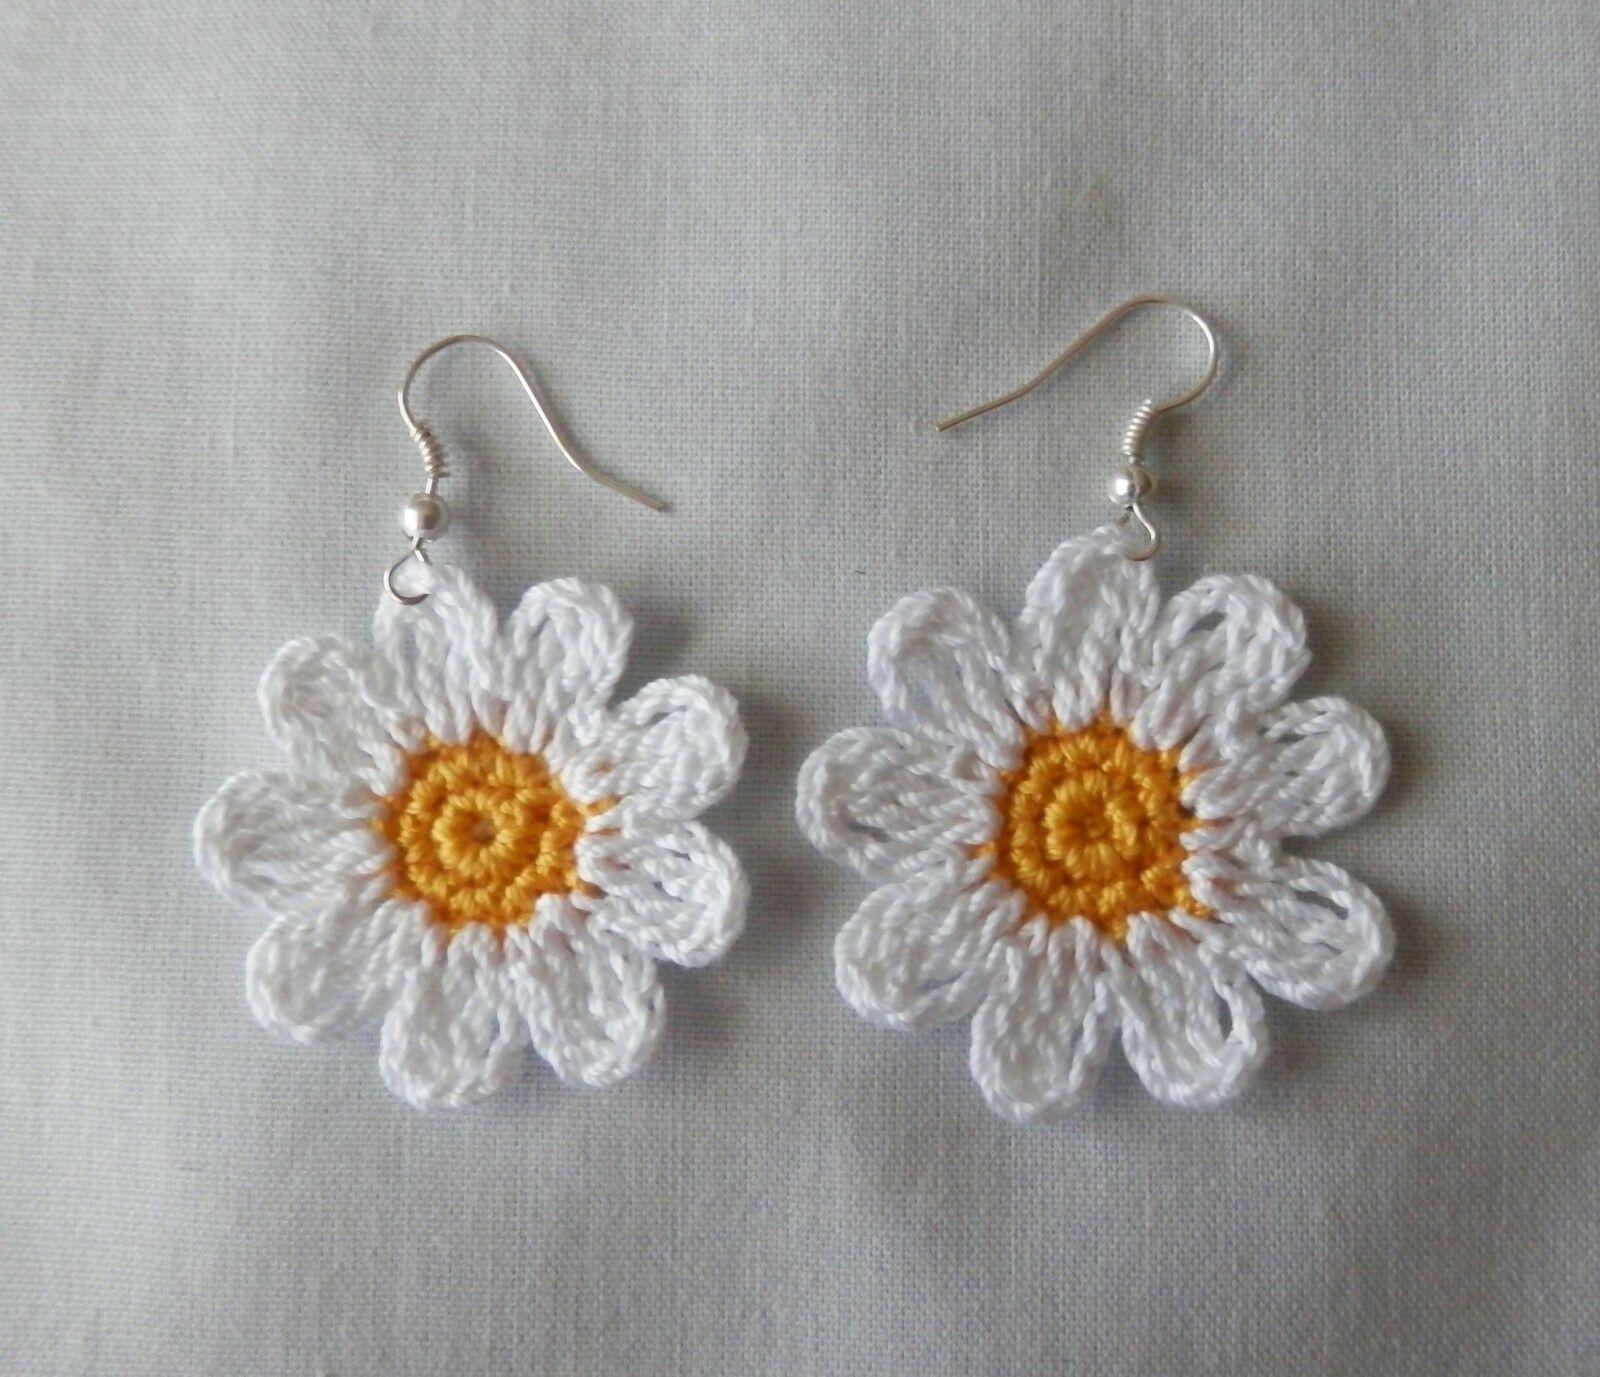 Crochet Daisy Earrings